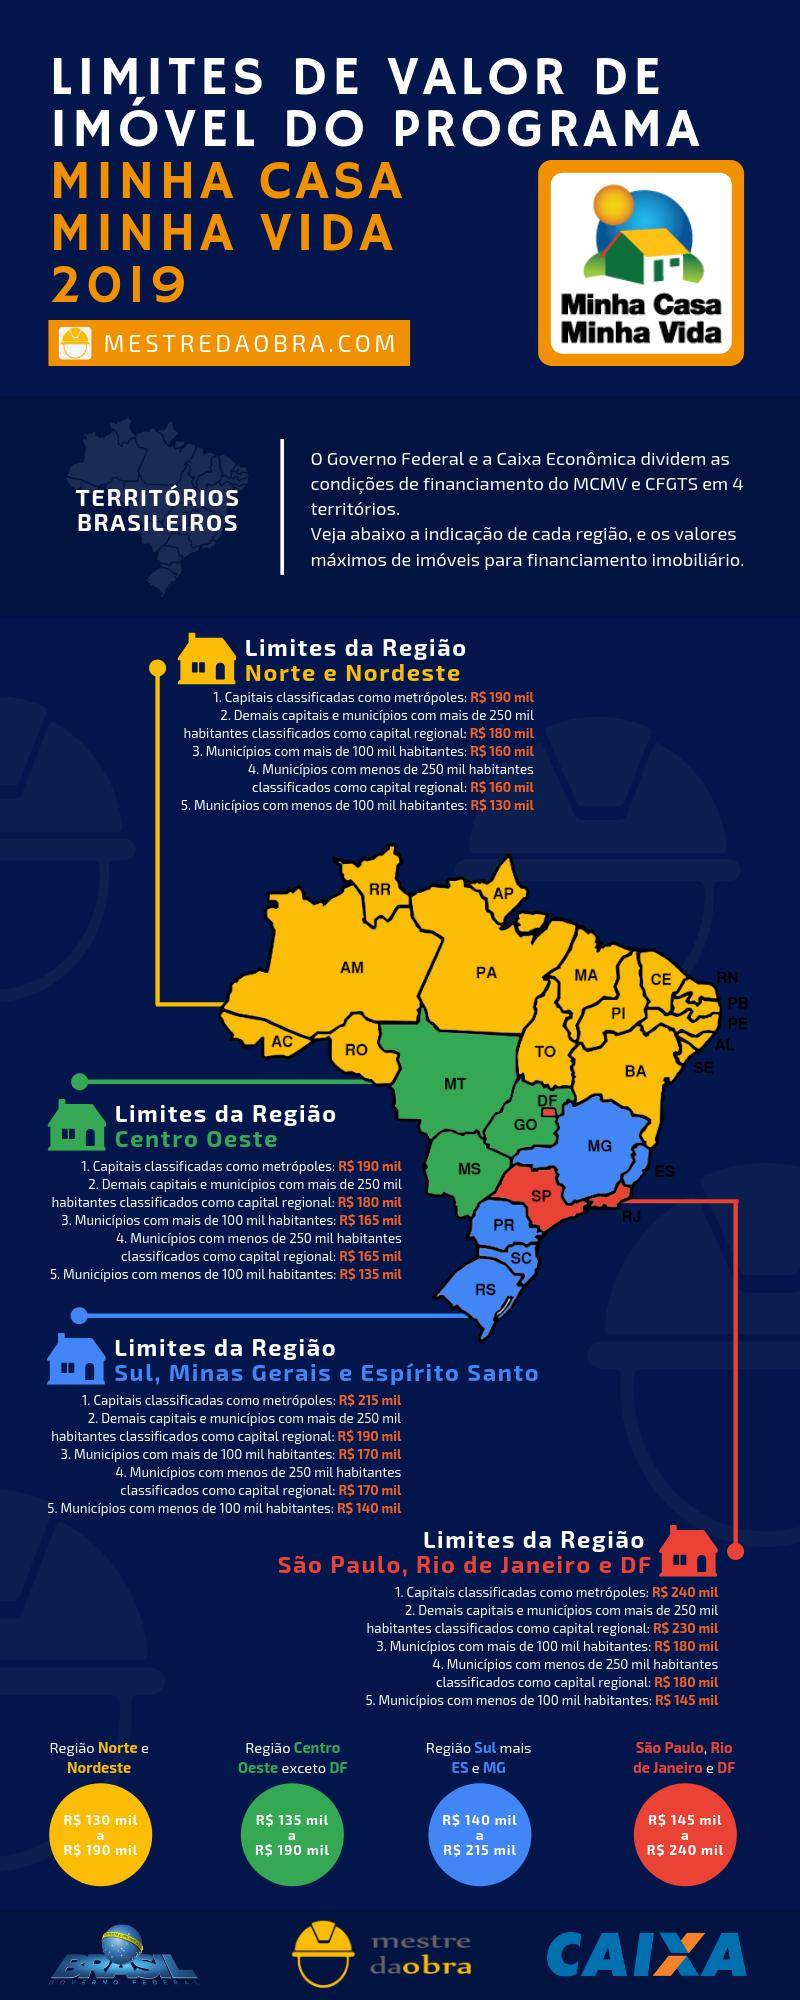 Infografico Territorios MCMV 2019 2 - TUDO sobre as novidades do Minha Casa Minha Vida 2019